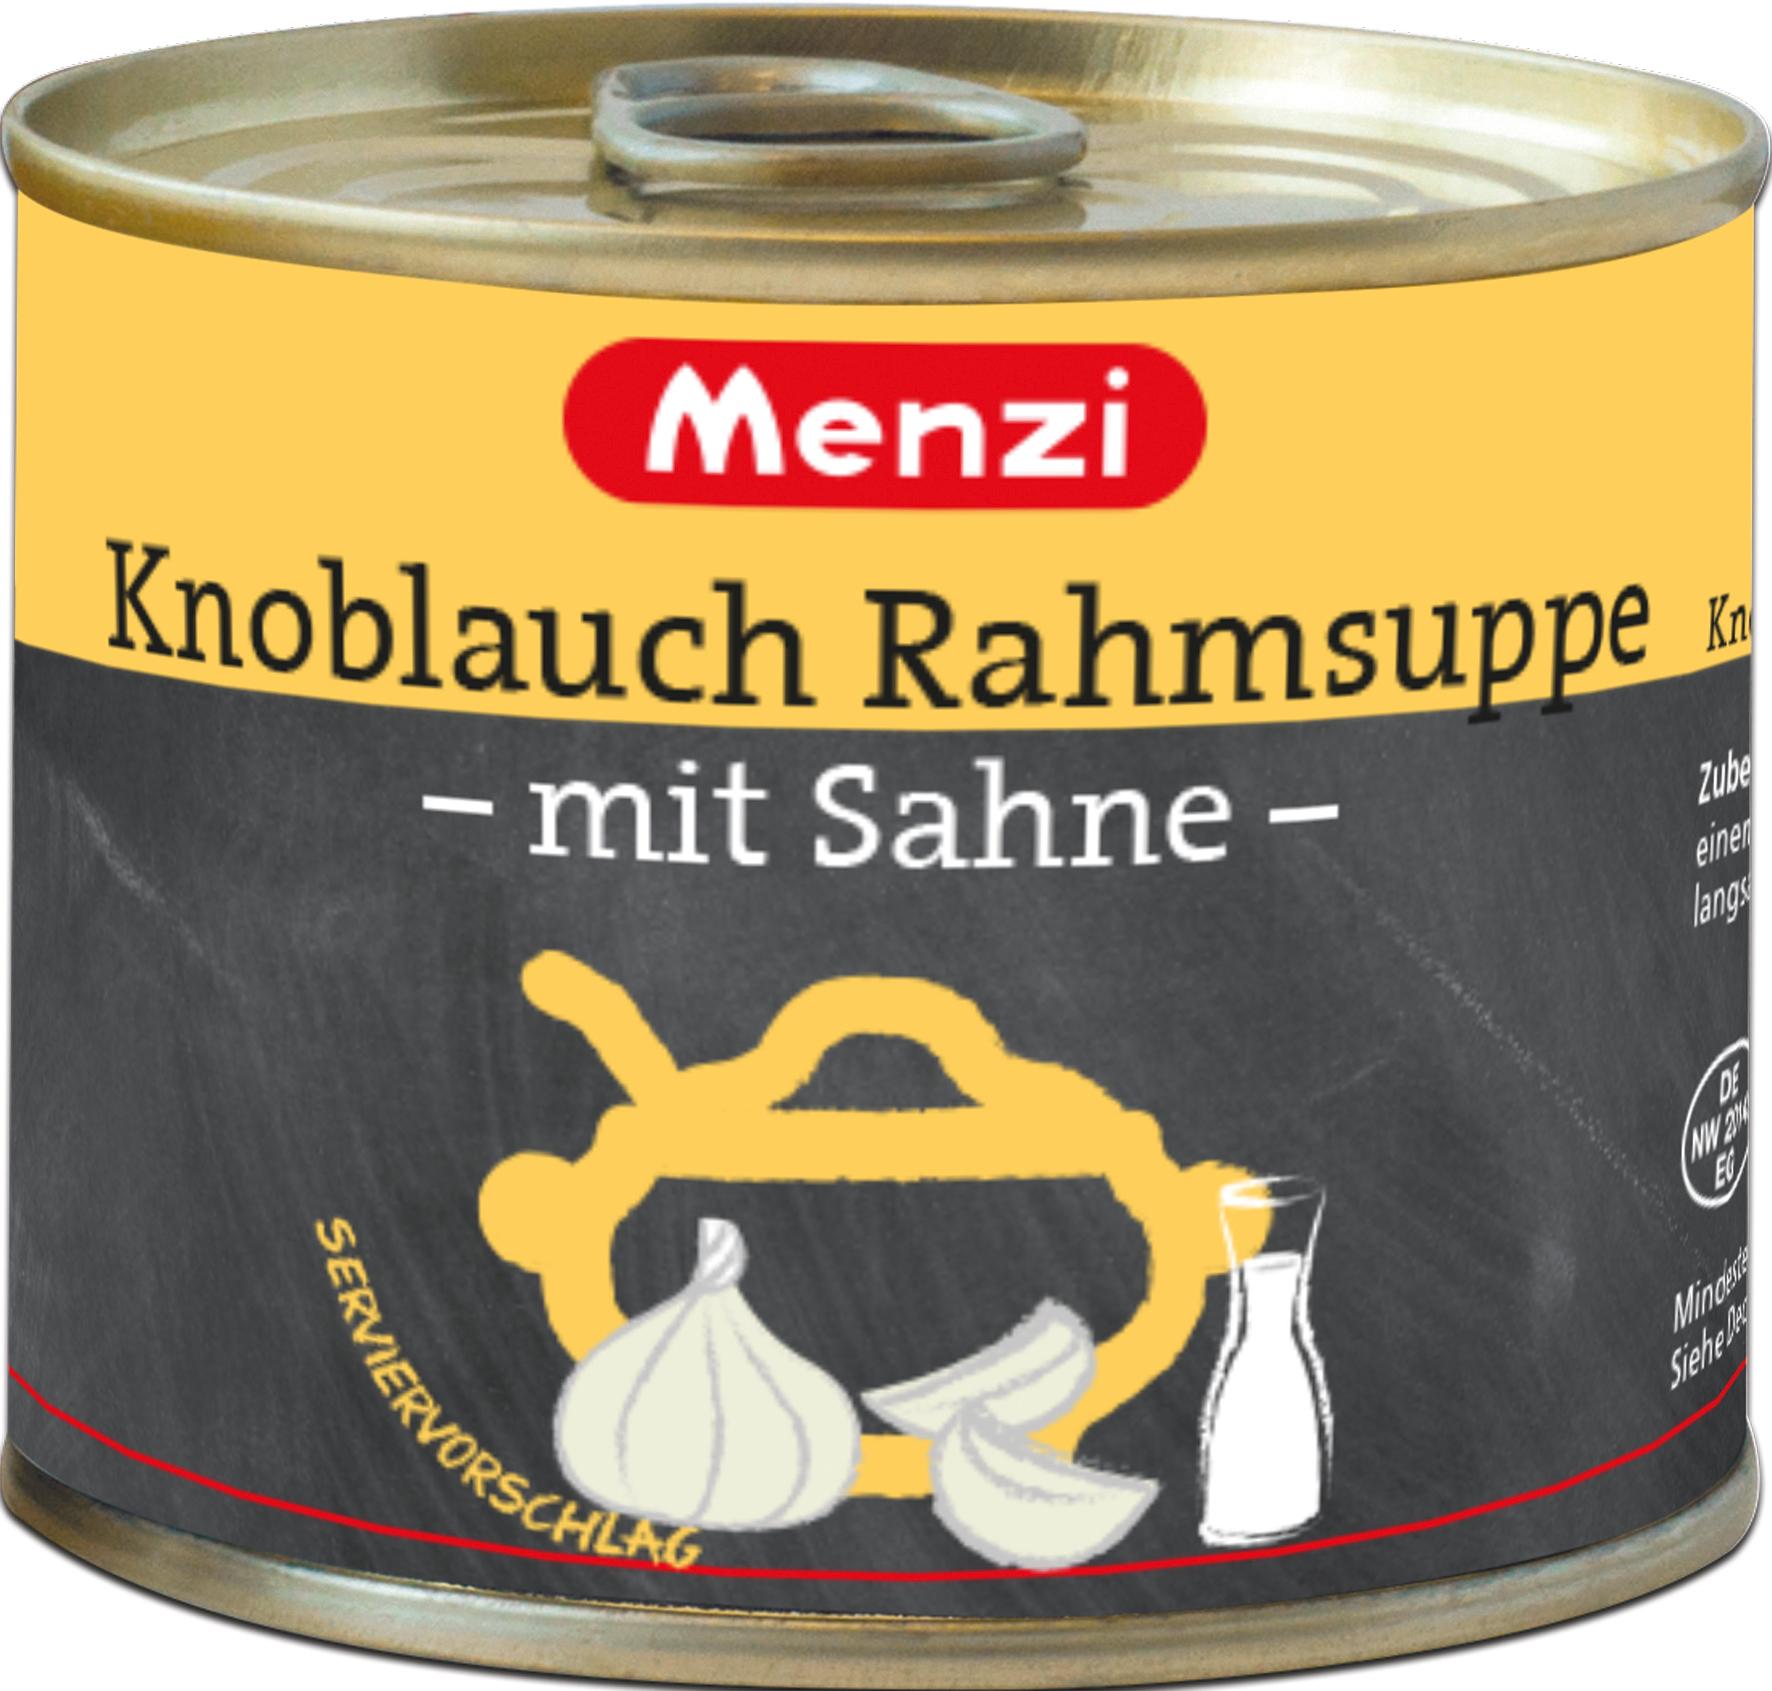 knoblauch-rahmsuppe-von-menzi-sparpack-mit-5-x-200ml